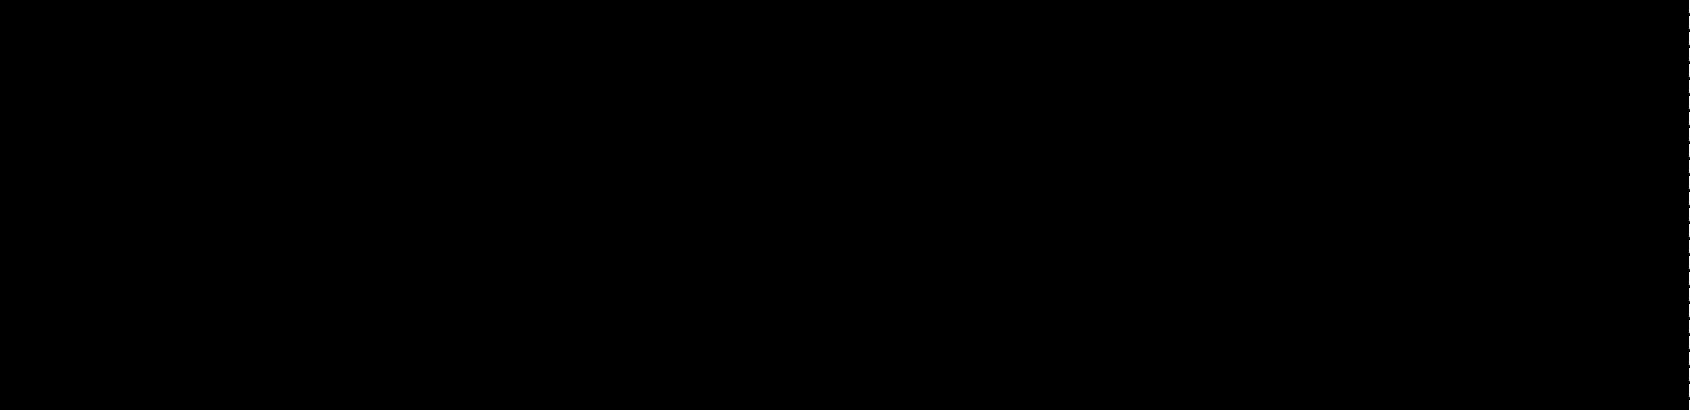 grp-web-black